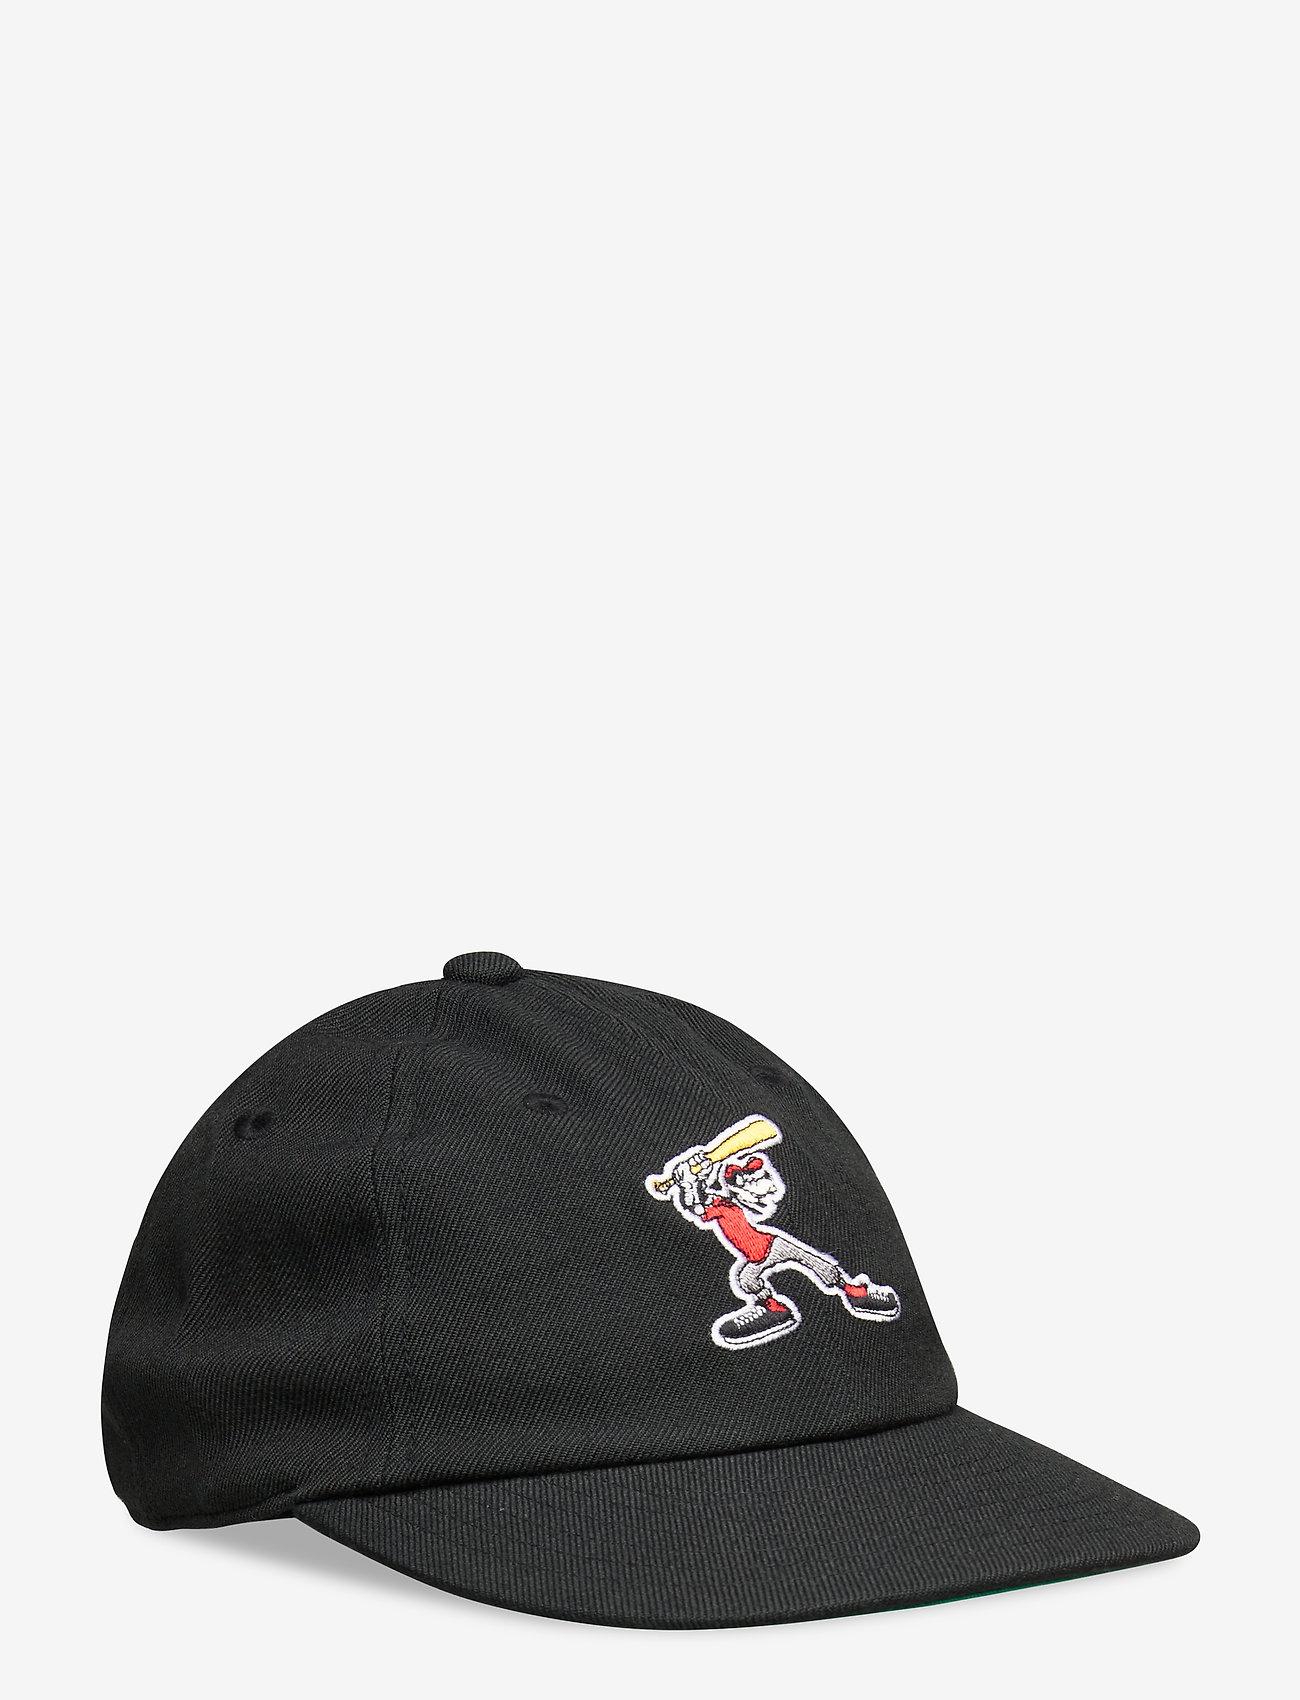 Goofy Cap Black Bgreen 20 97 Adidas Originals Boozt Com